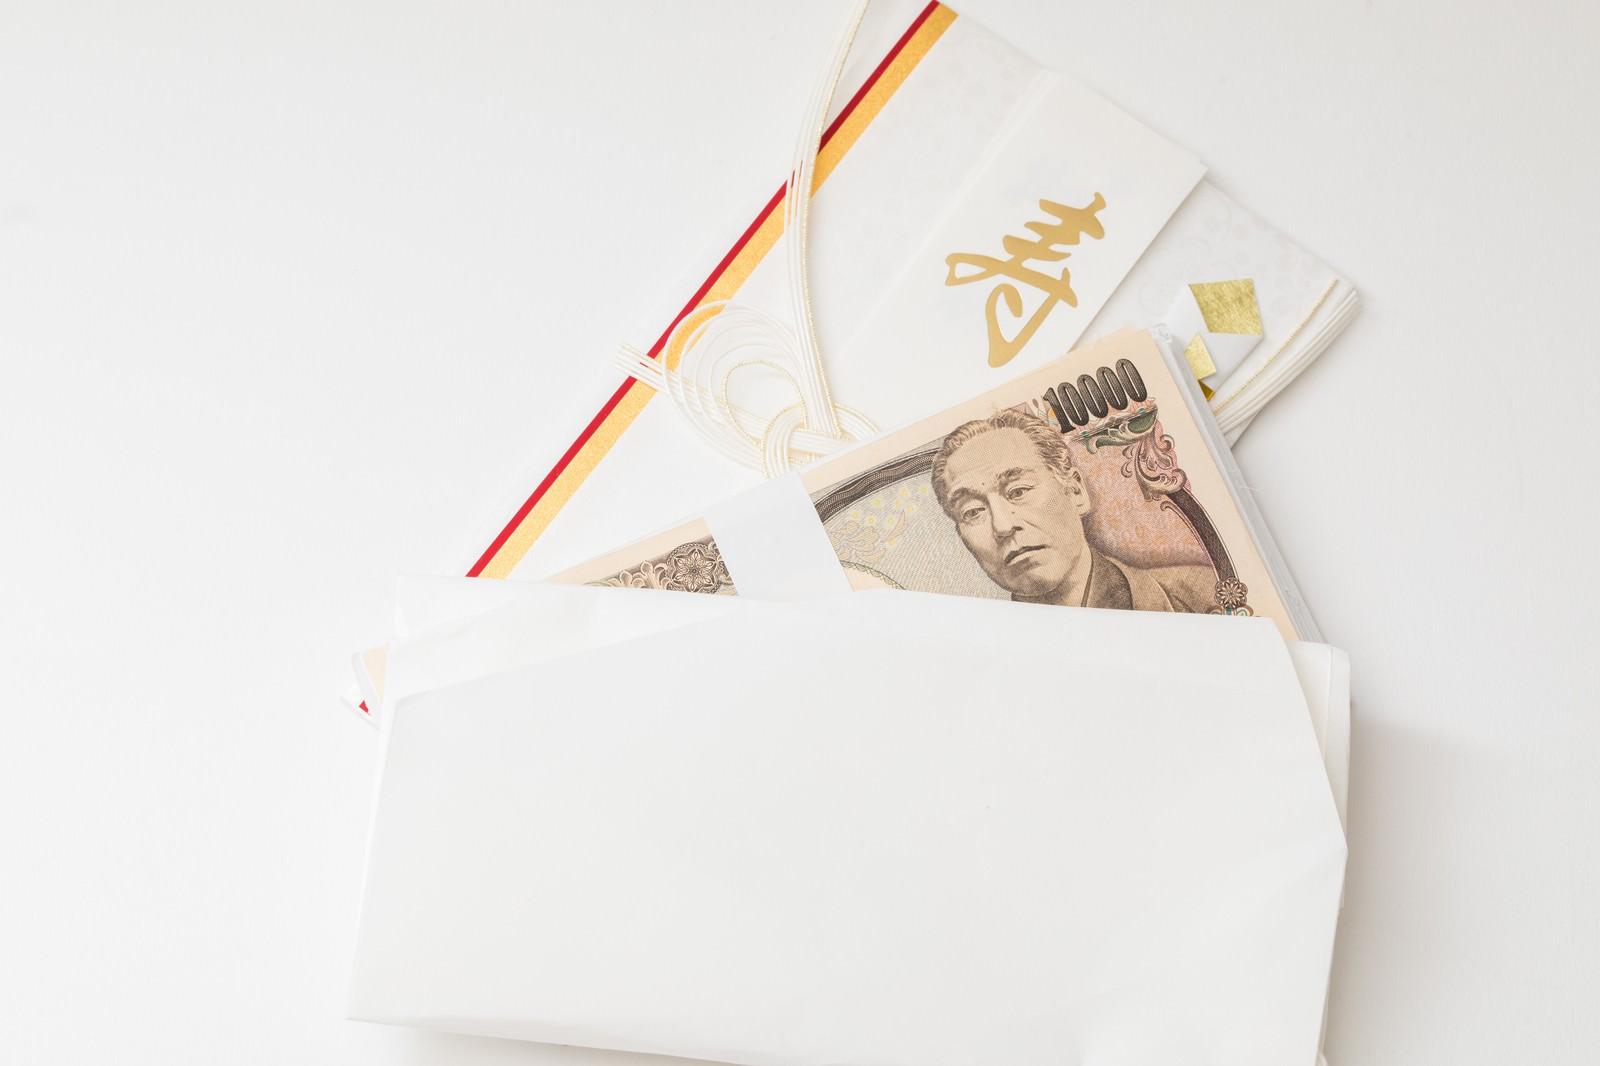 「ご祝儀の100万円が偽装された1万円札と紙切れだった」の写真